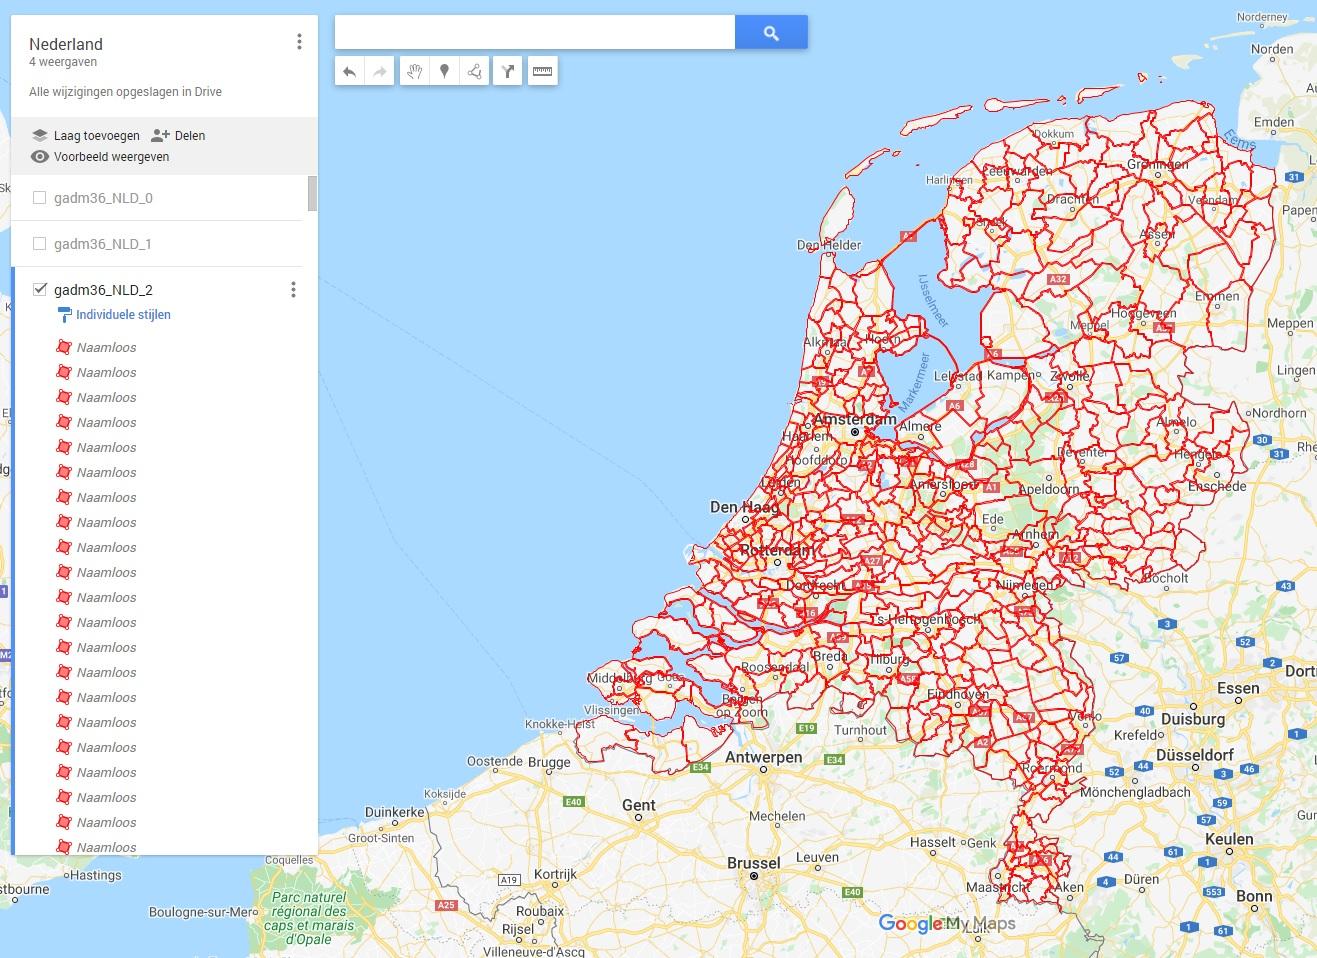 Nederland level 2